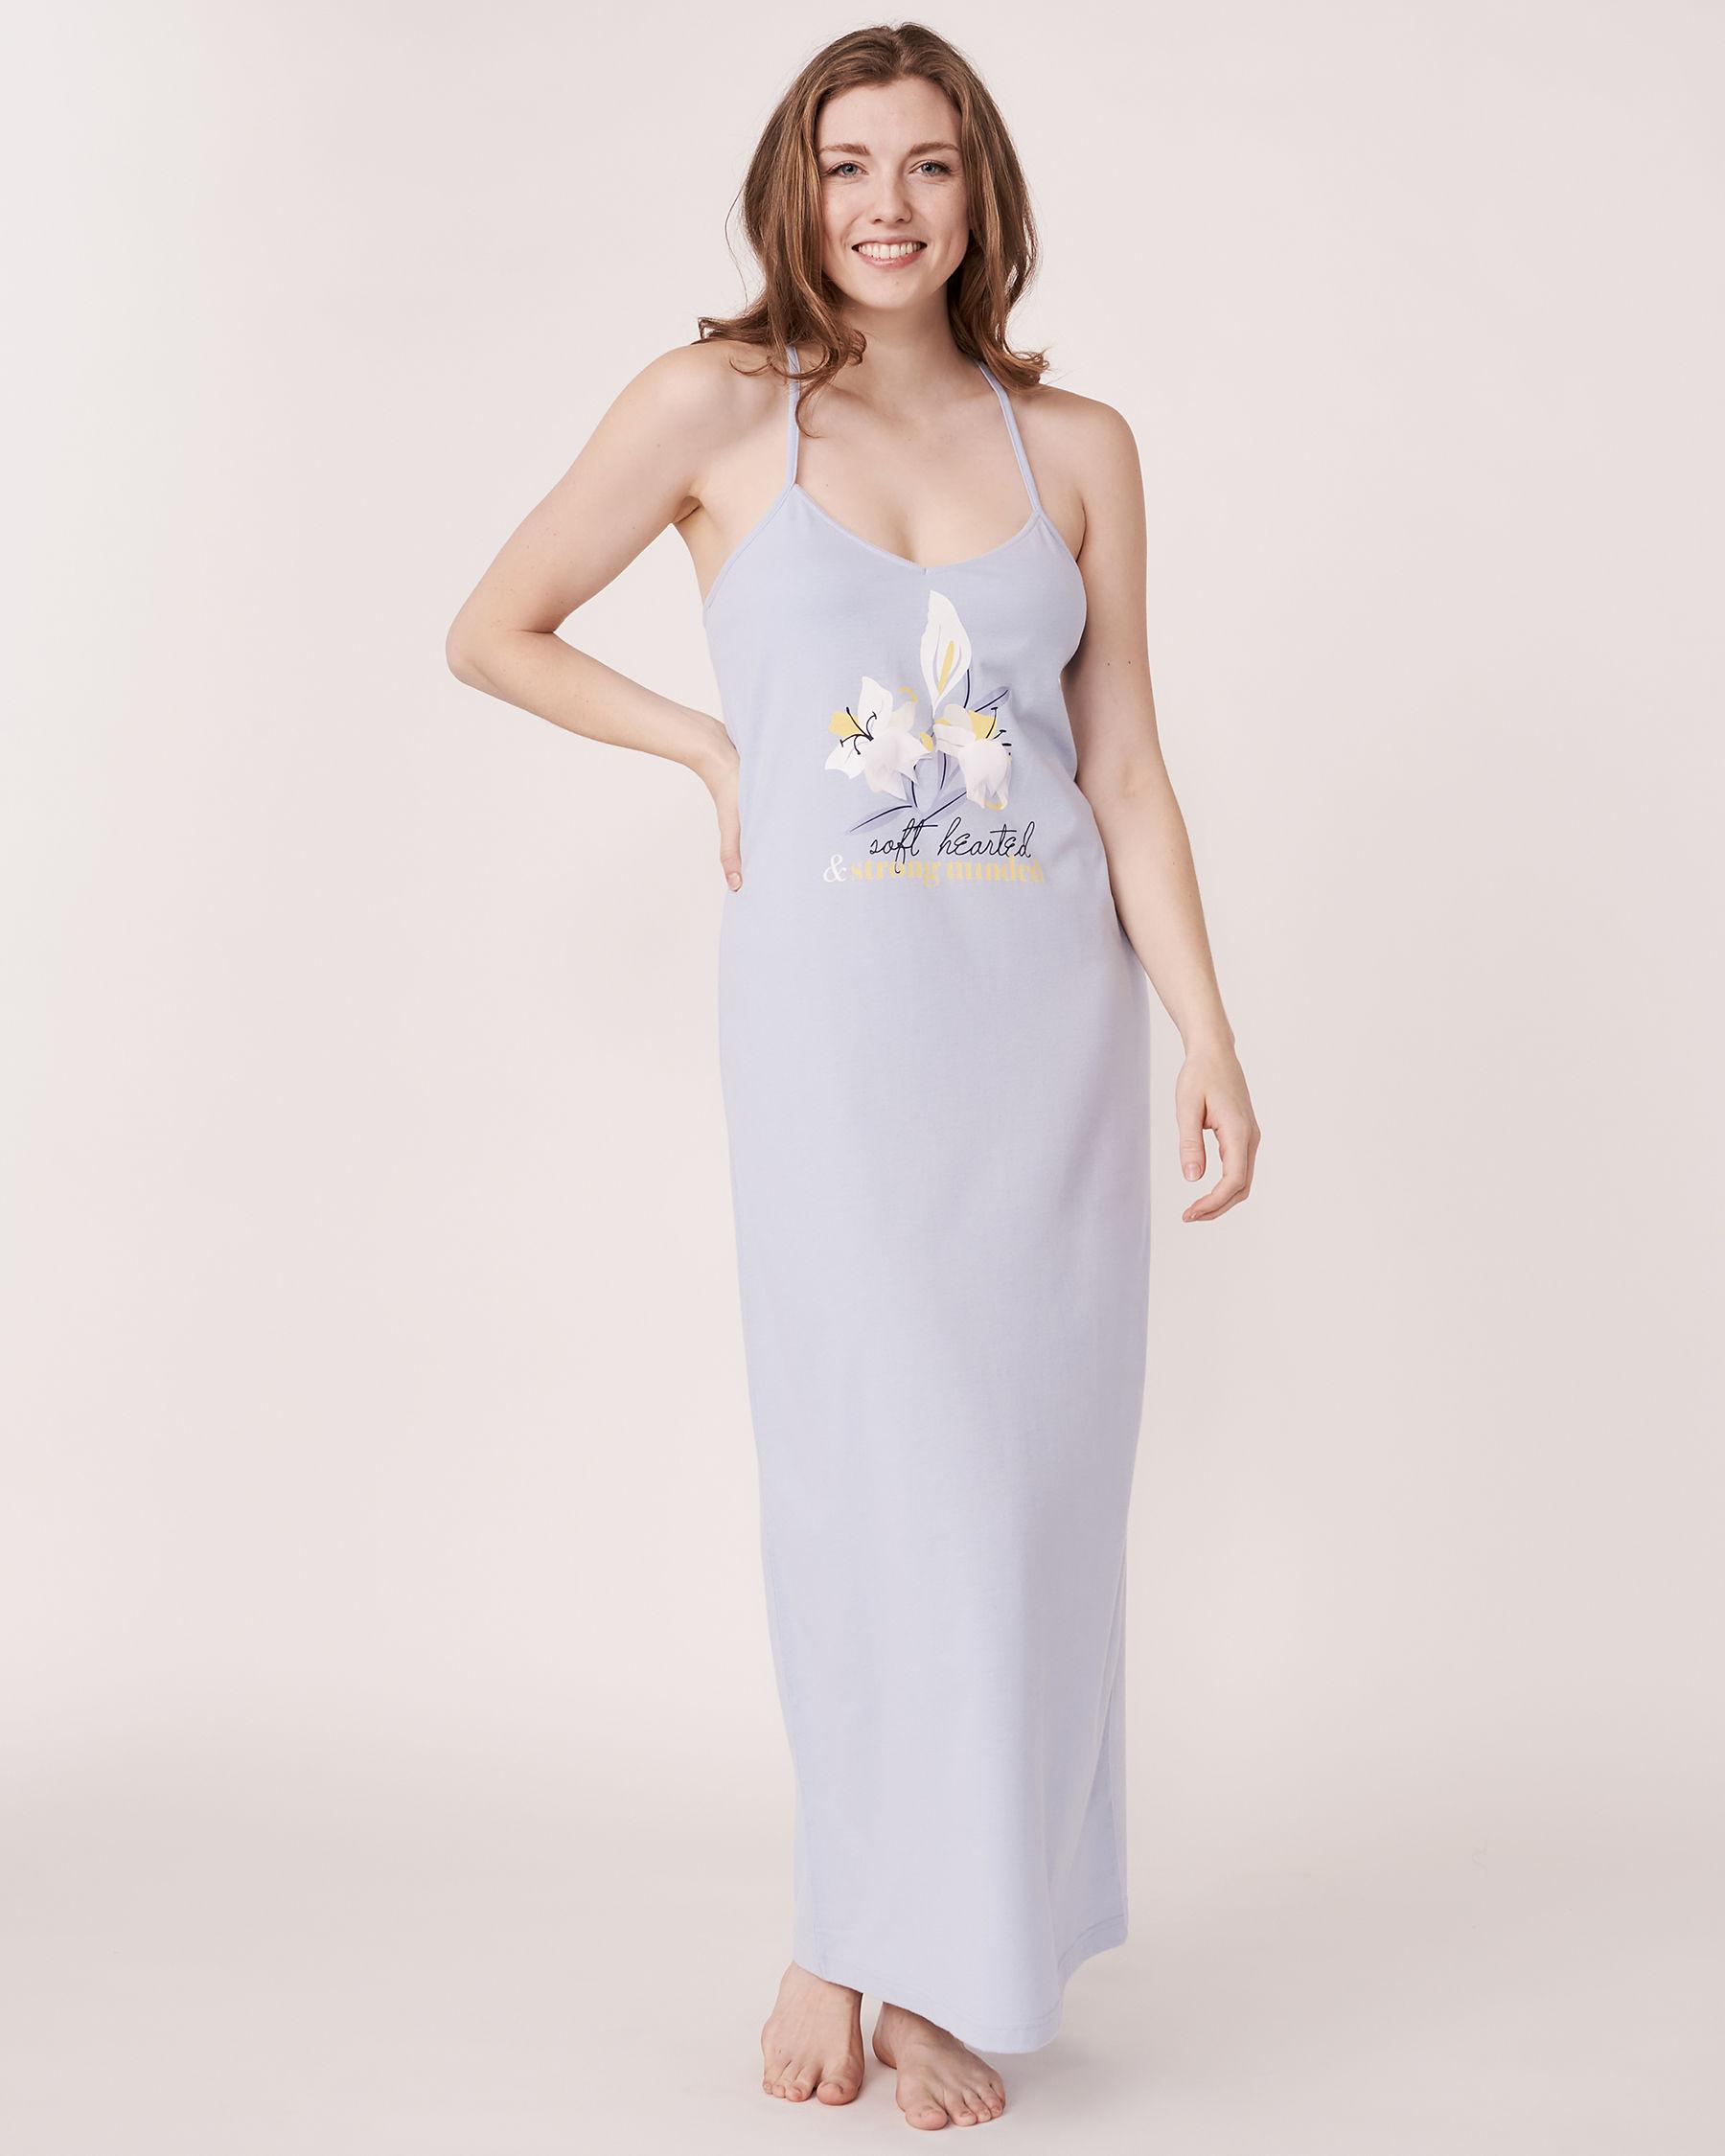 LA VIE EN ROSE 3D Petals Gown Blue sky 40500011 - View5